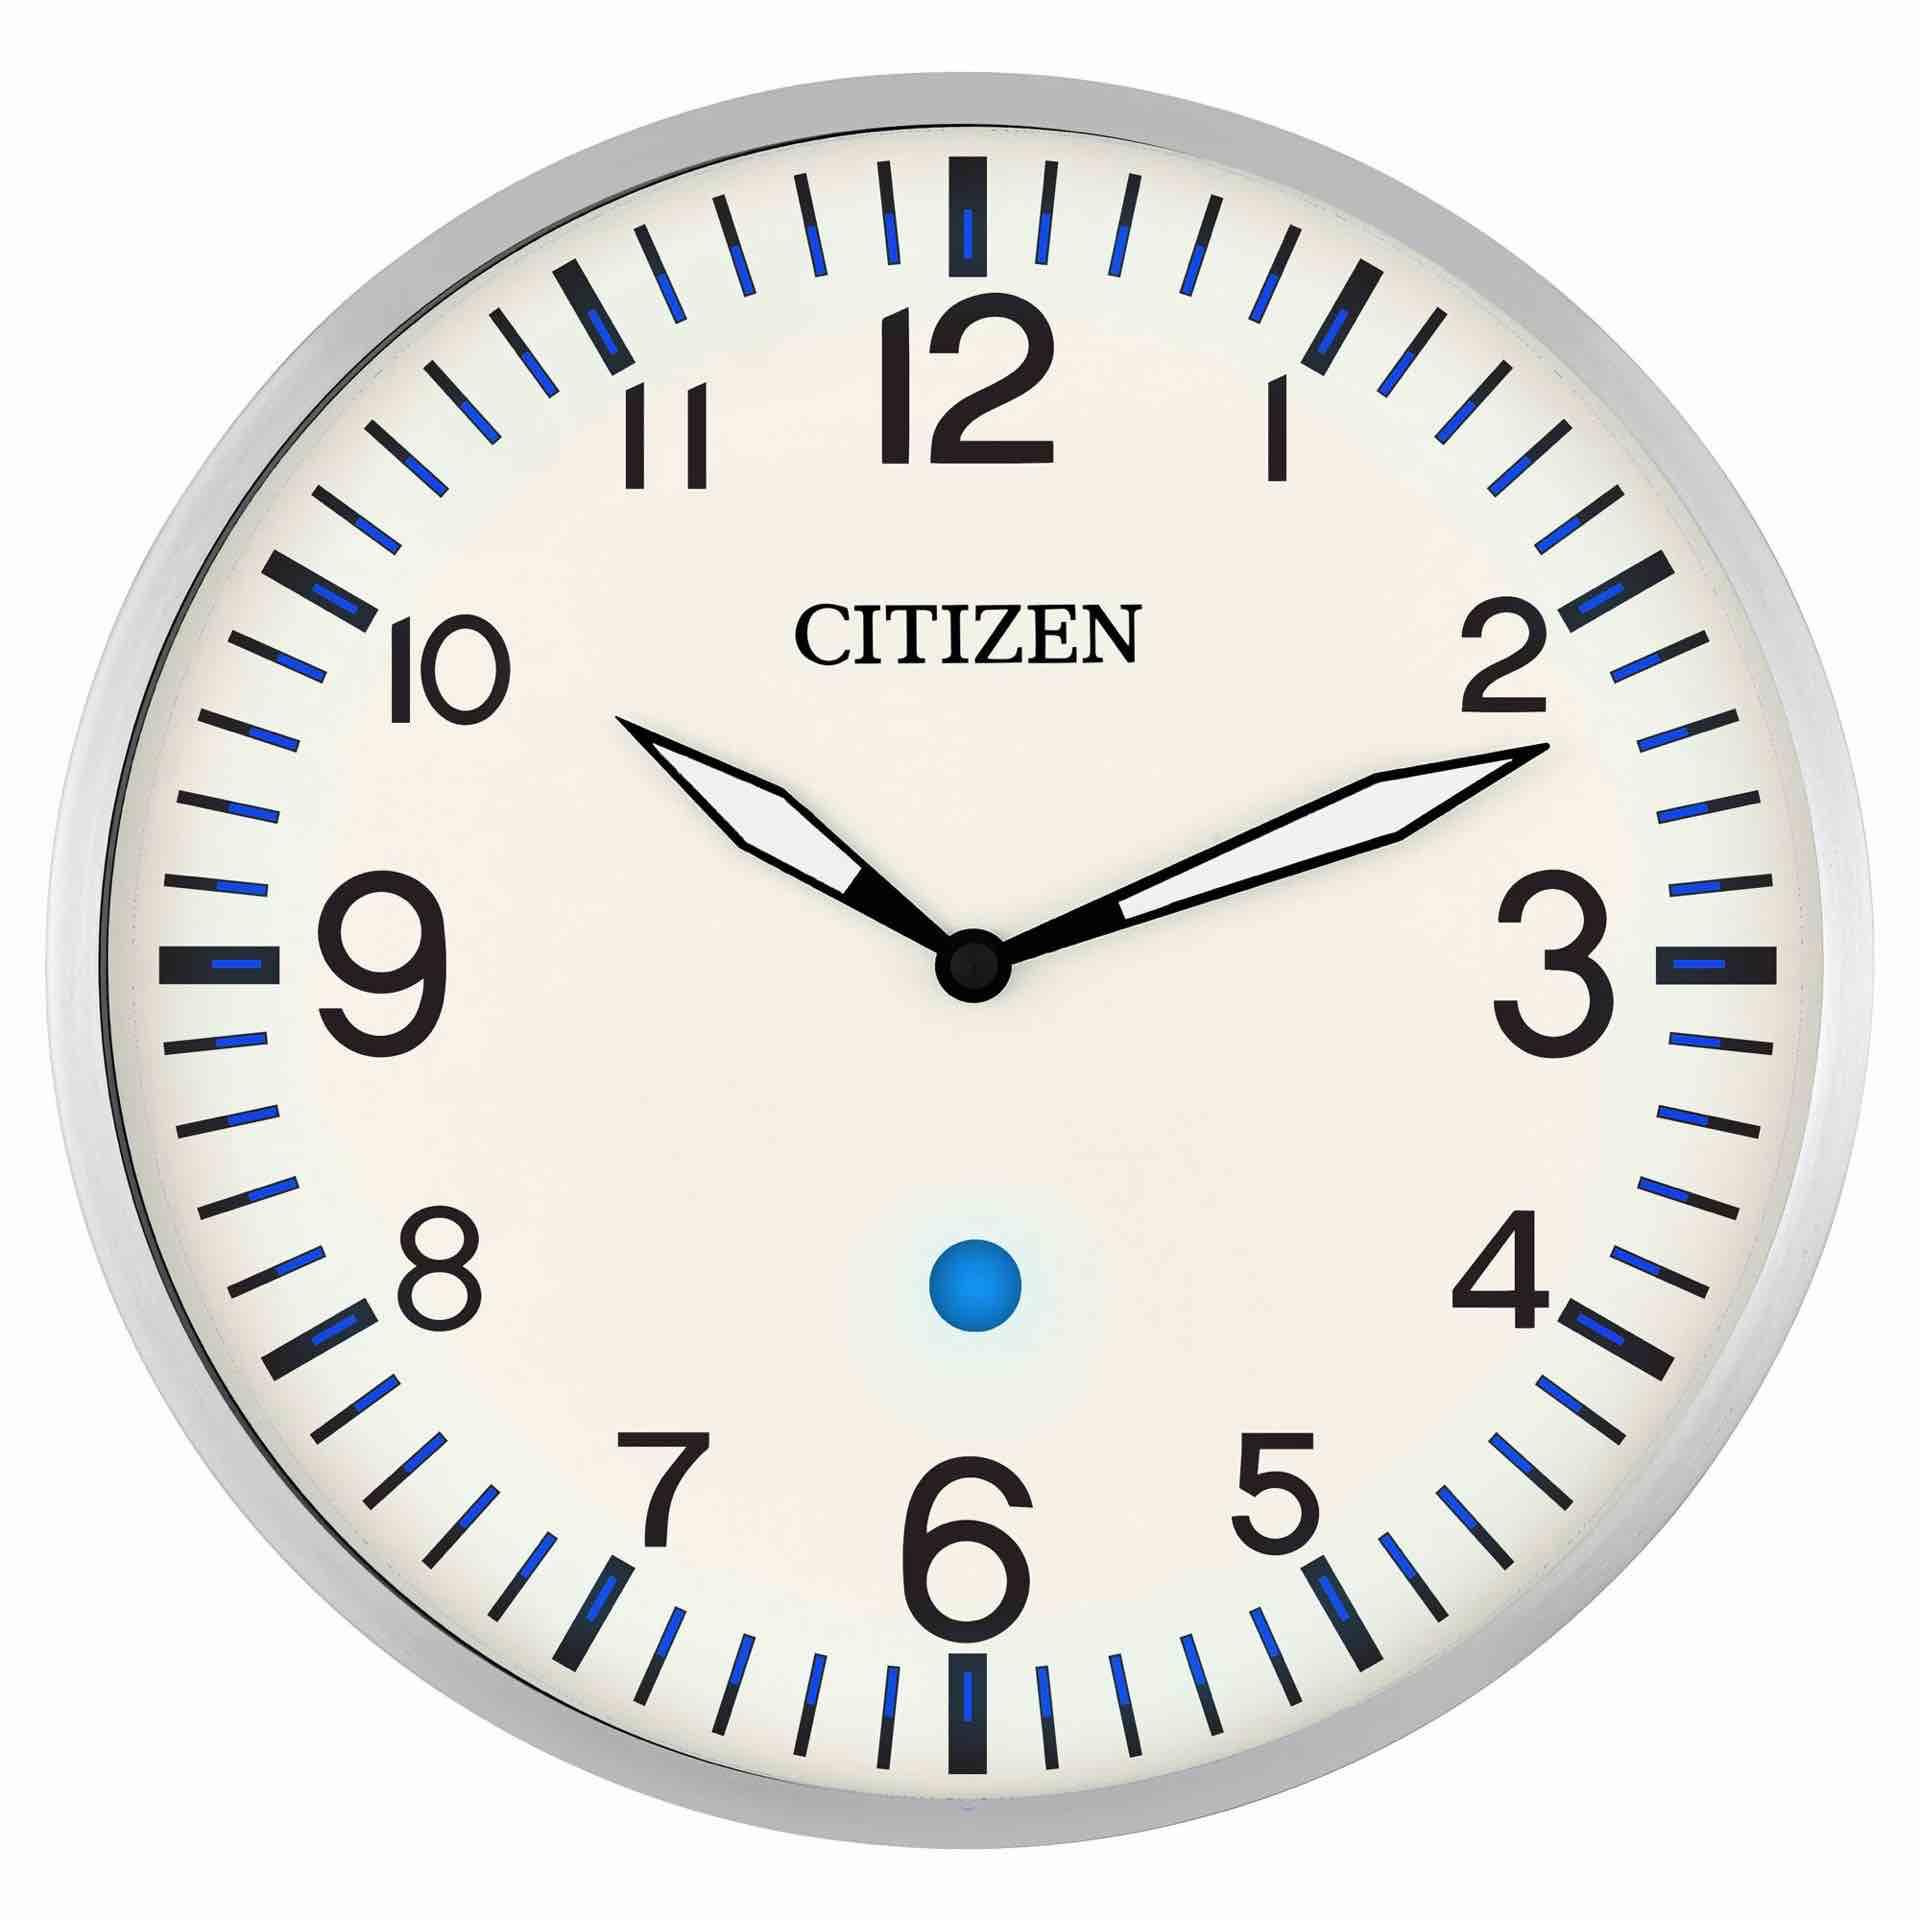 citizen-smart-wall-clock-timer